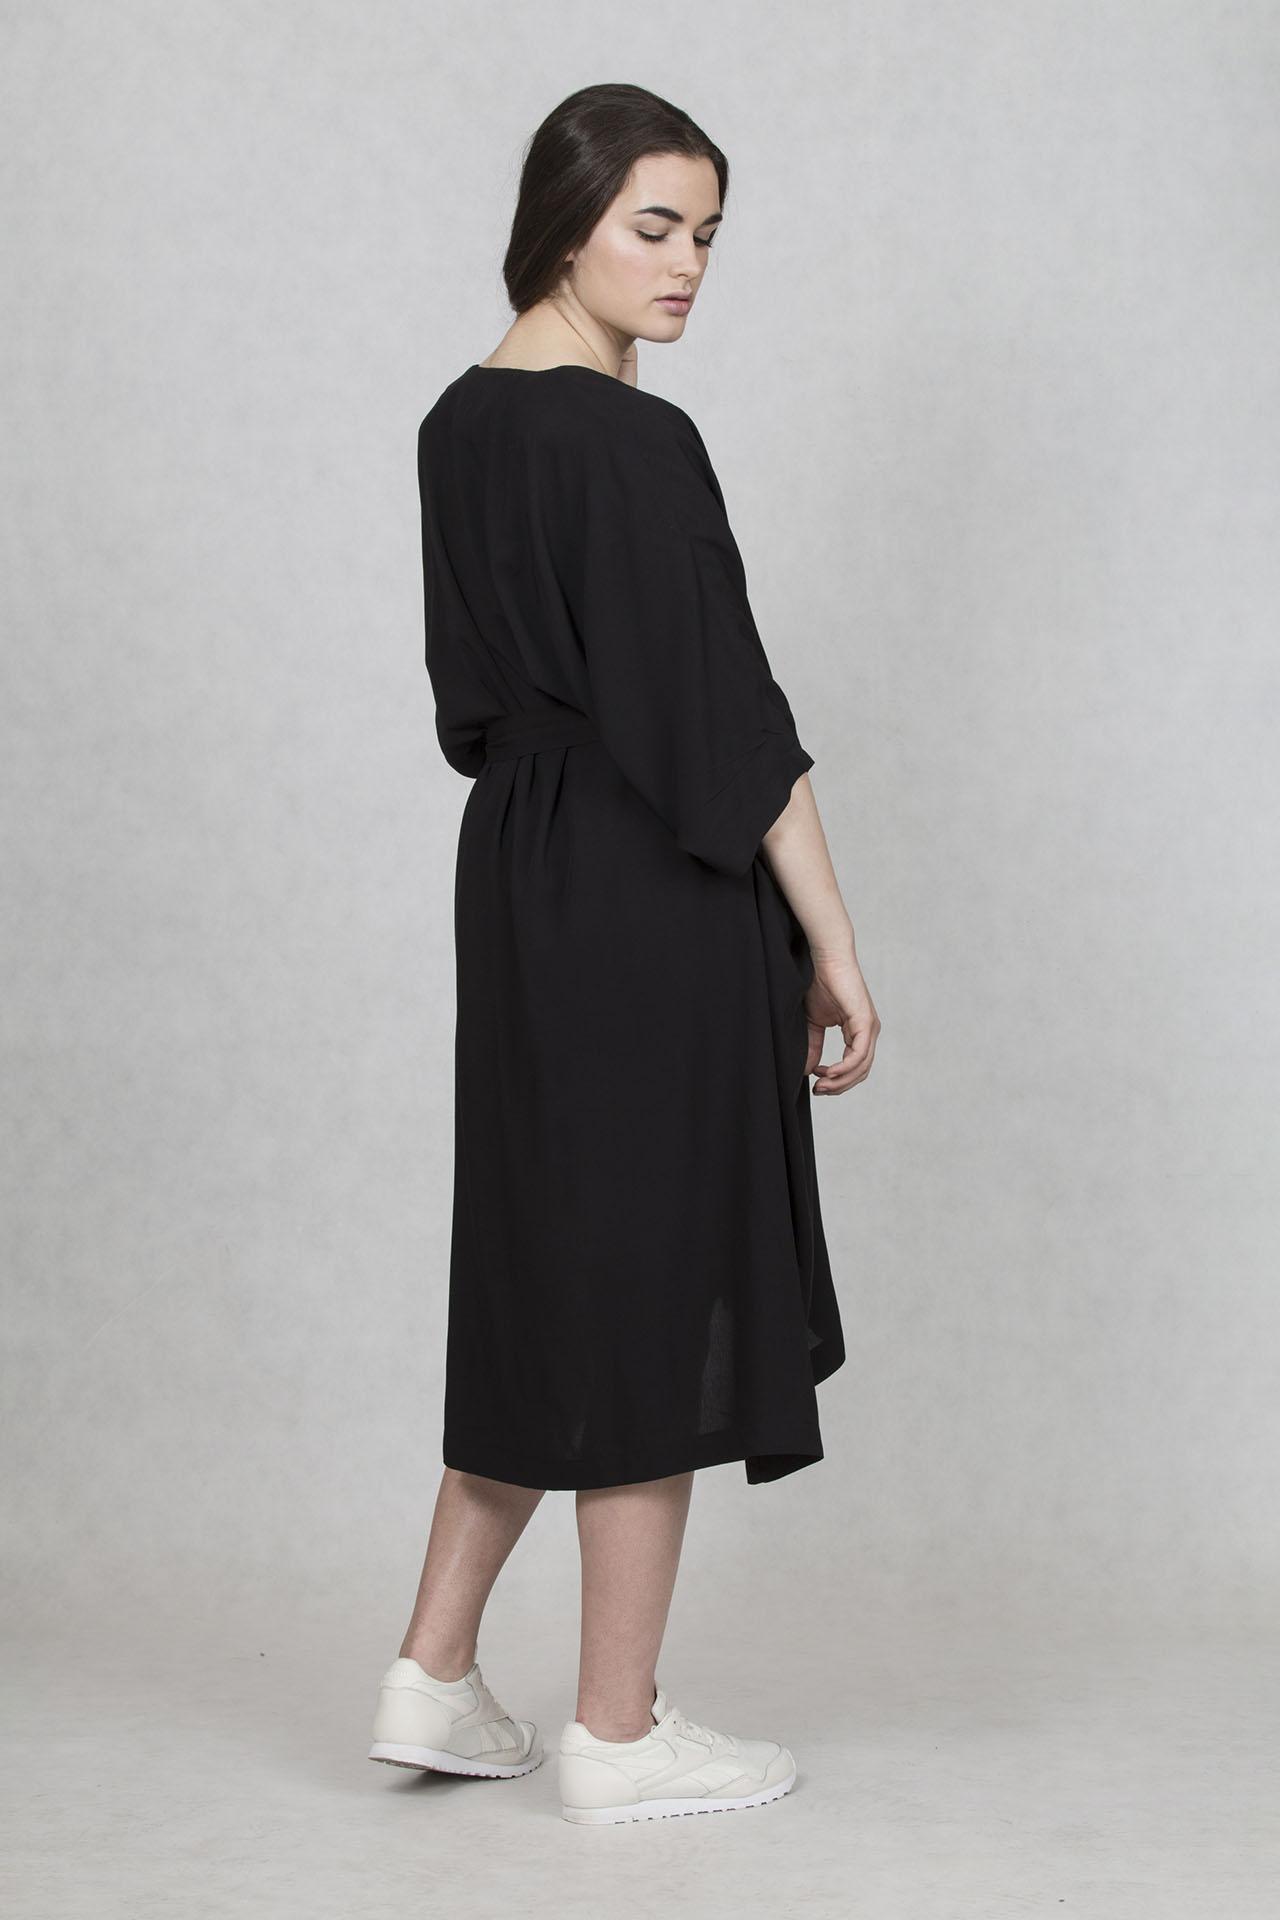 Oversized šaty černé v midi délce od české značky Oneday eab1752027